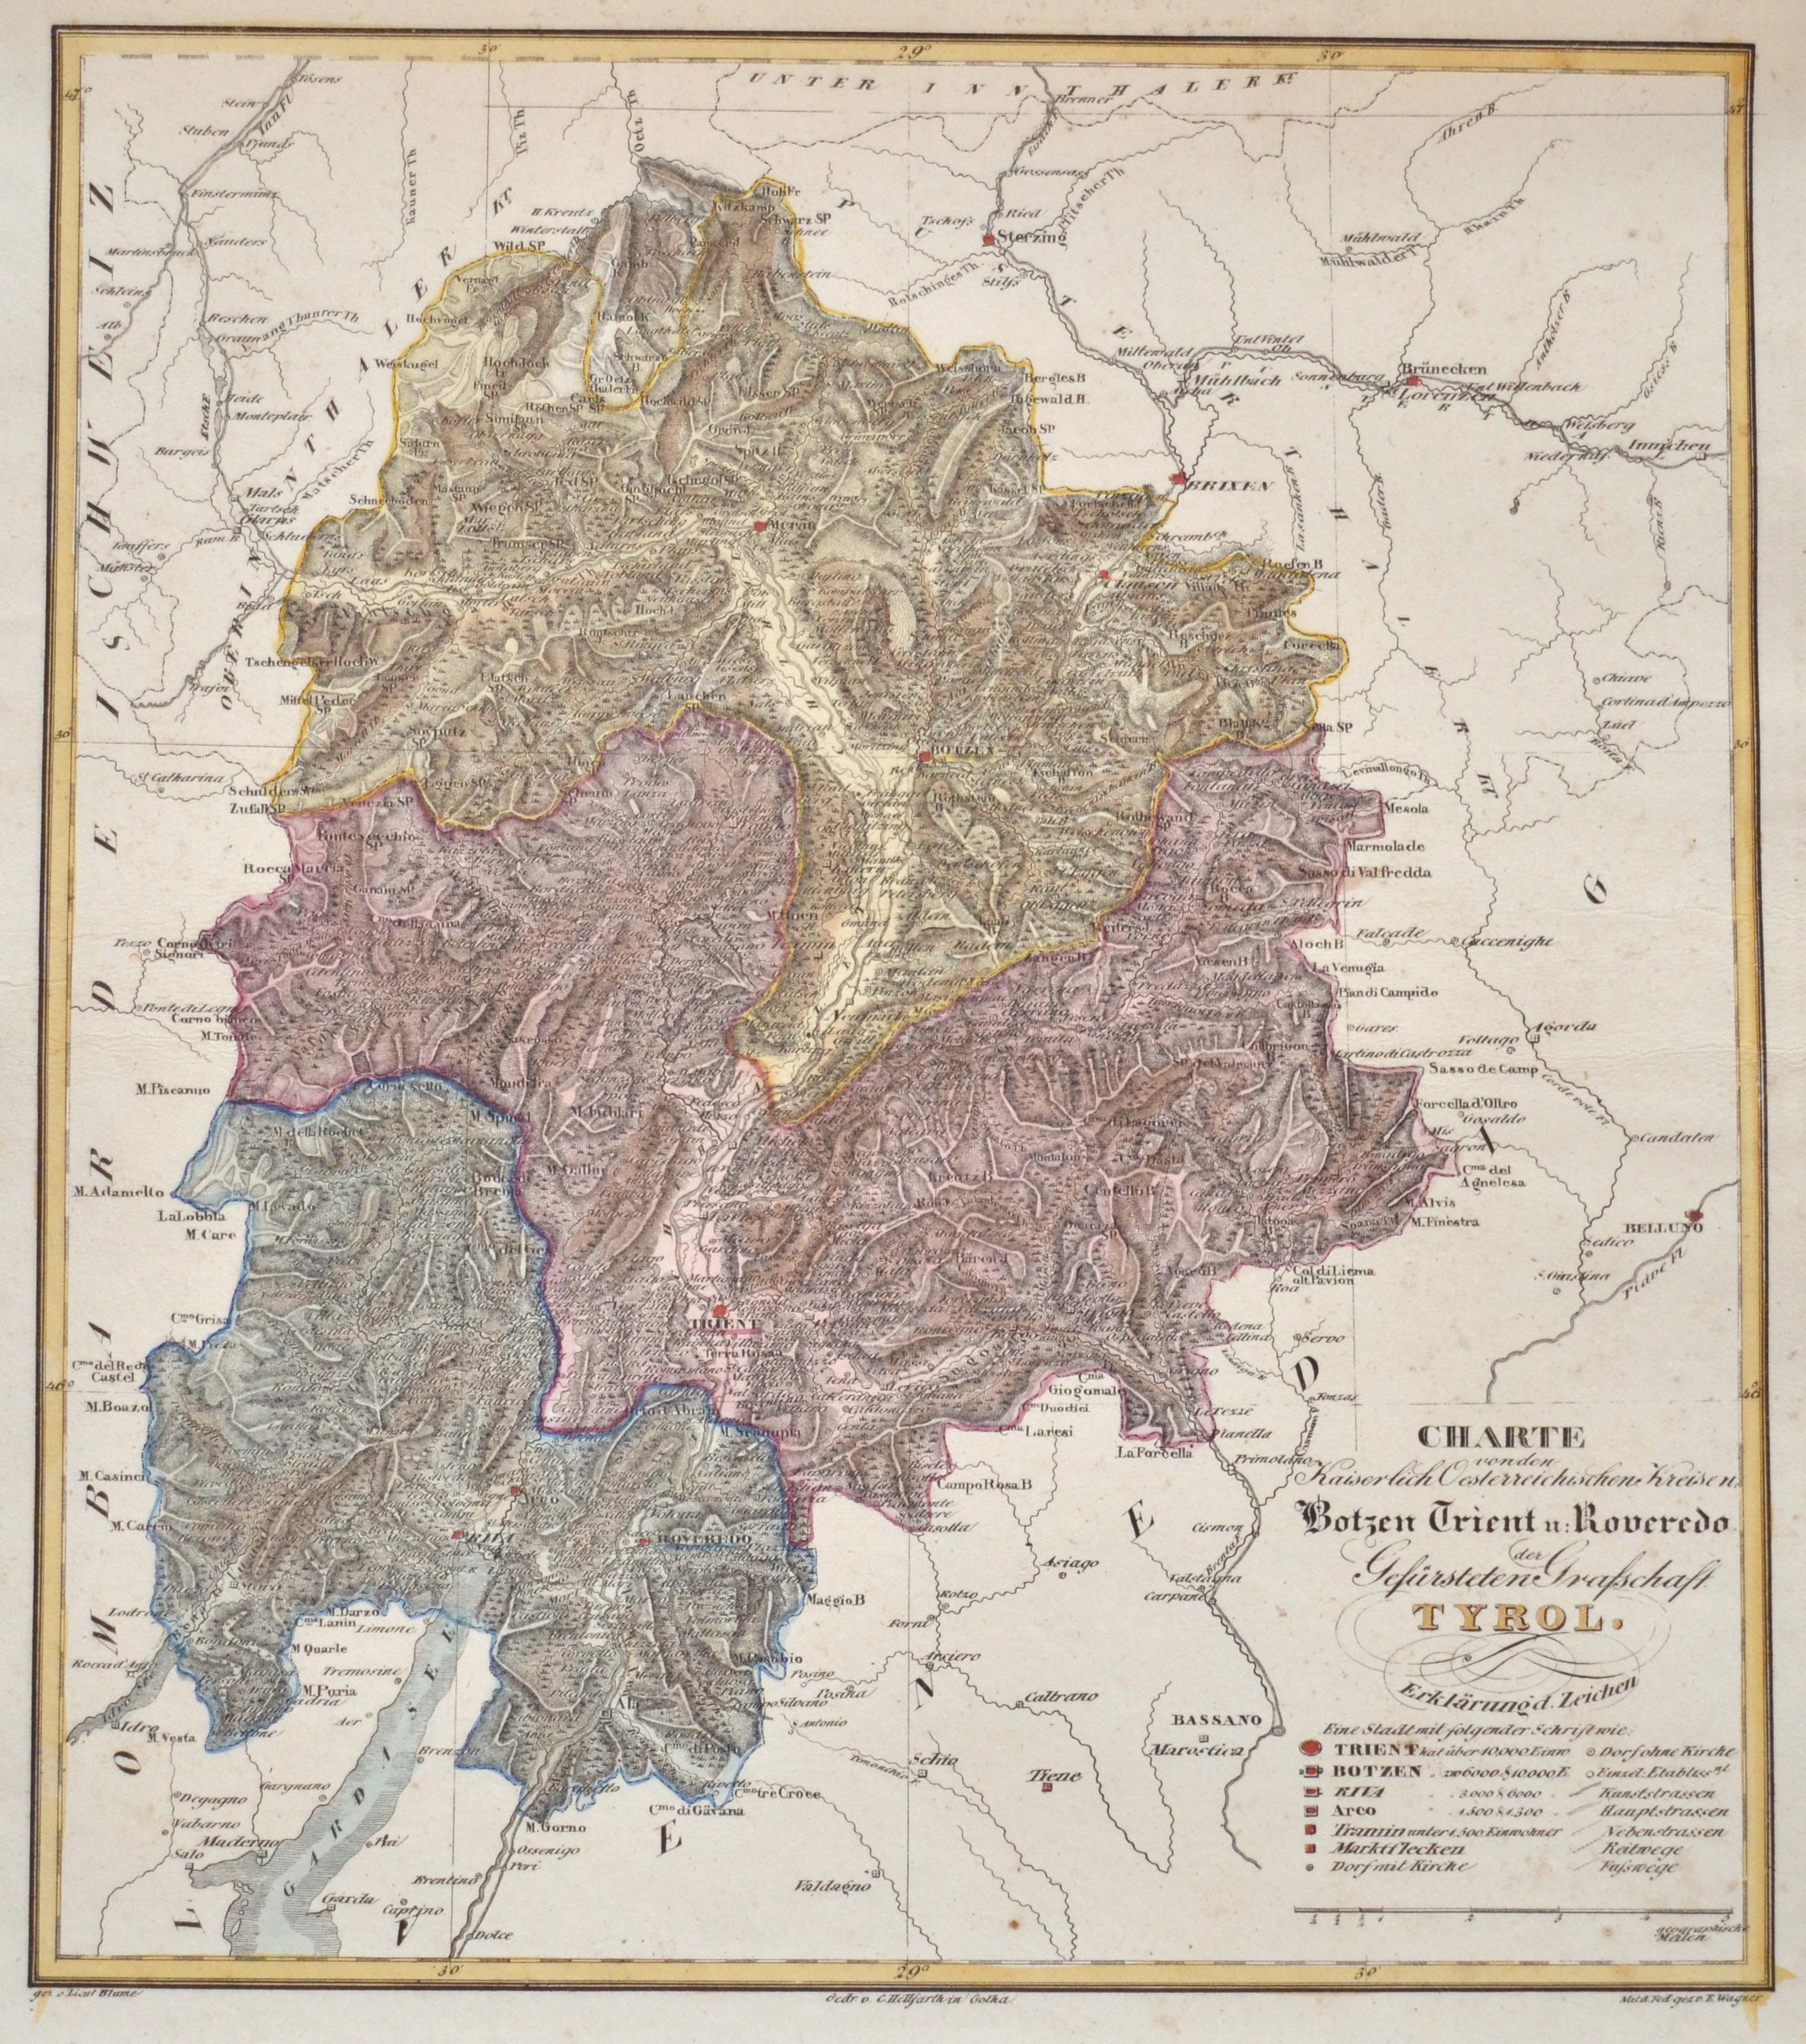 Wagner E. Charte von den Kaiserlich Oesterreichischen Kreisen Botzen Trient u: Roveredo der Gefürsteten Grafschaft Tyrol.